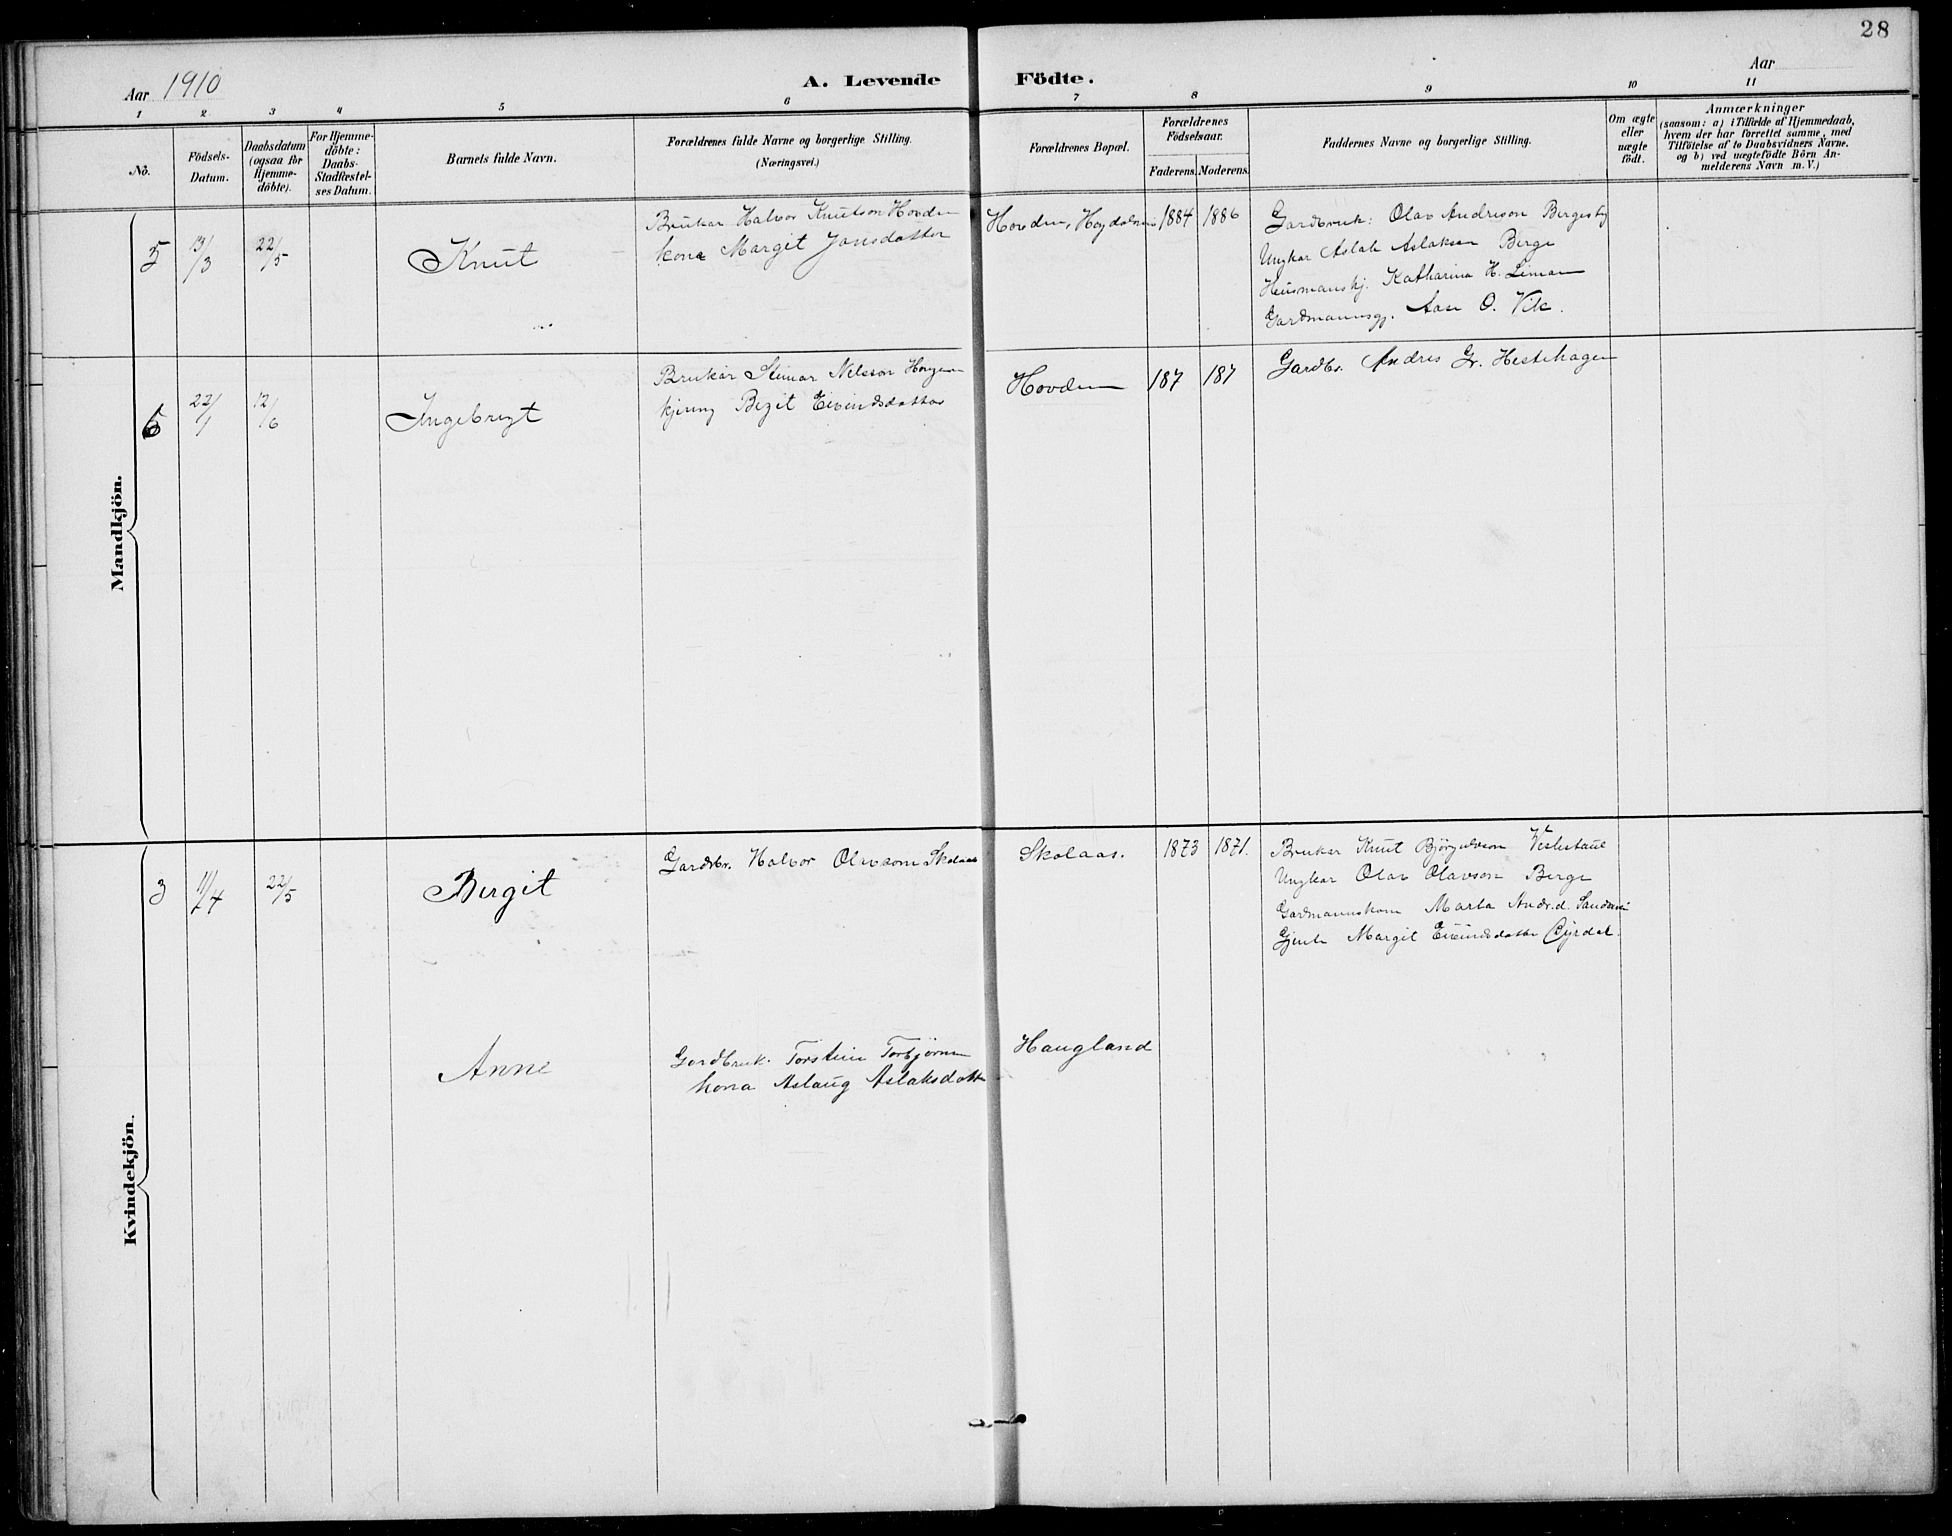 SAKO, Rauland kirkebøker, G/Gb/L0002: Klokkerbok nr. II 2, 1887-1937, s. 28